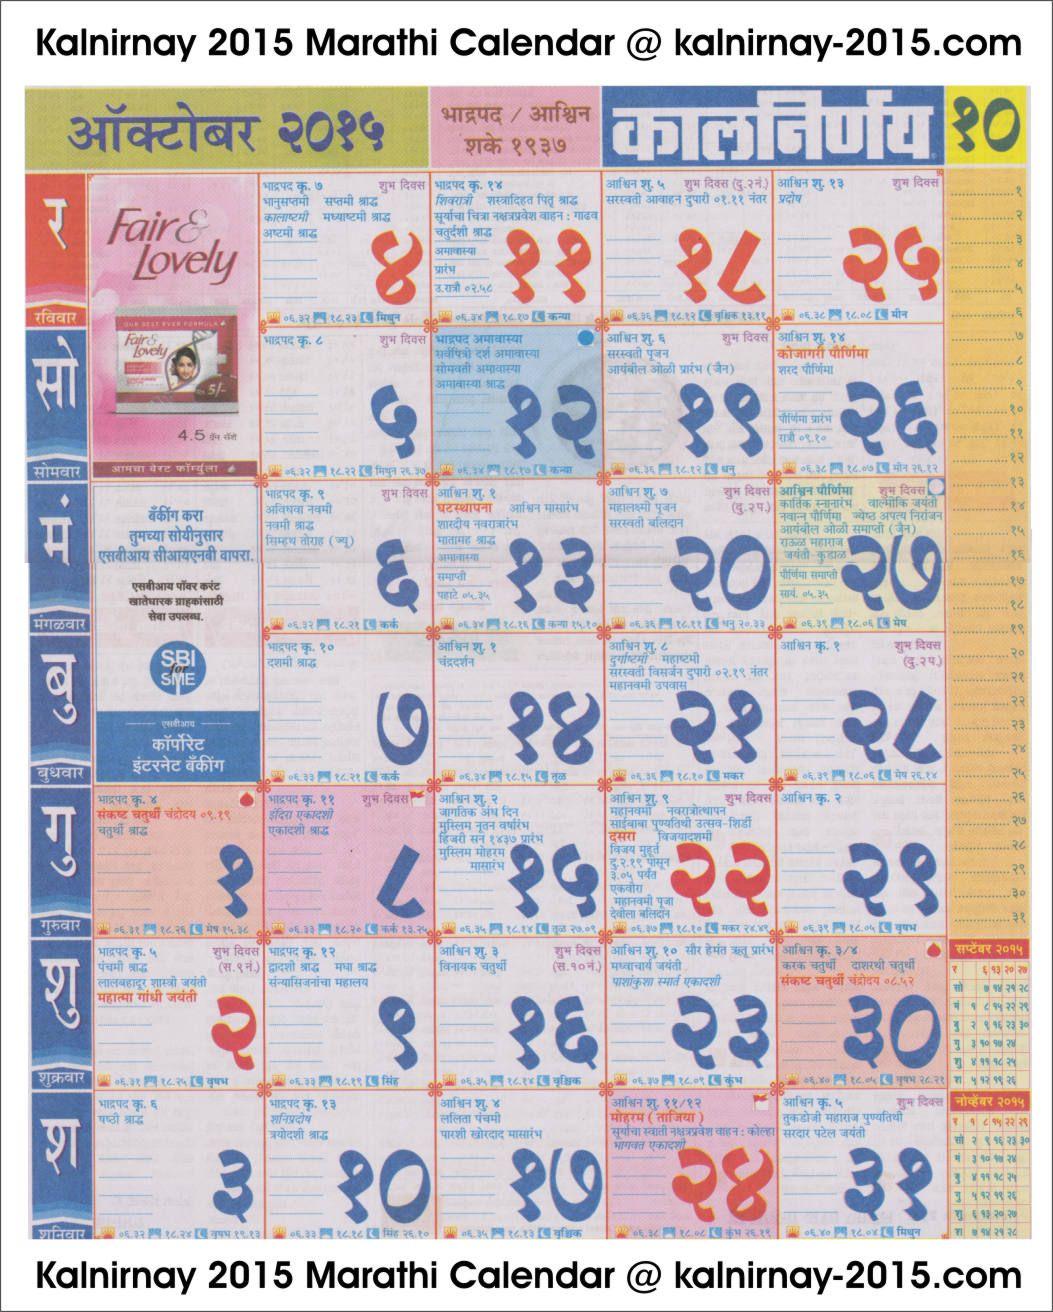 May Calendar Kalnirnay : October marathi kalnirnay calendar